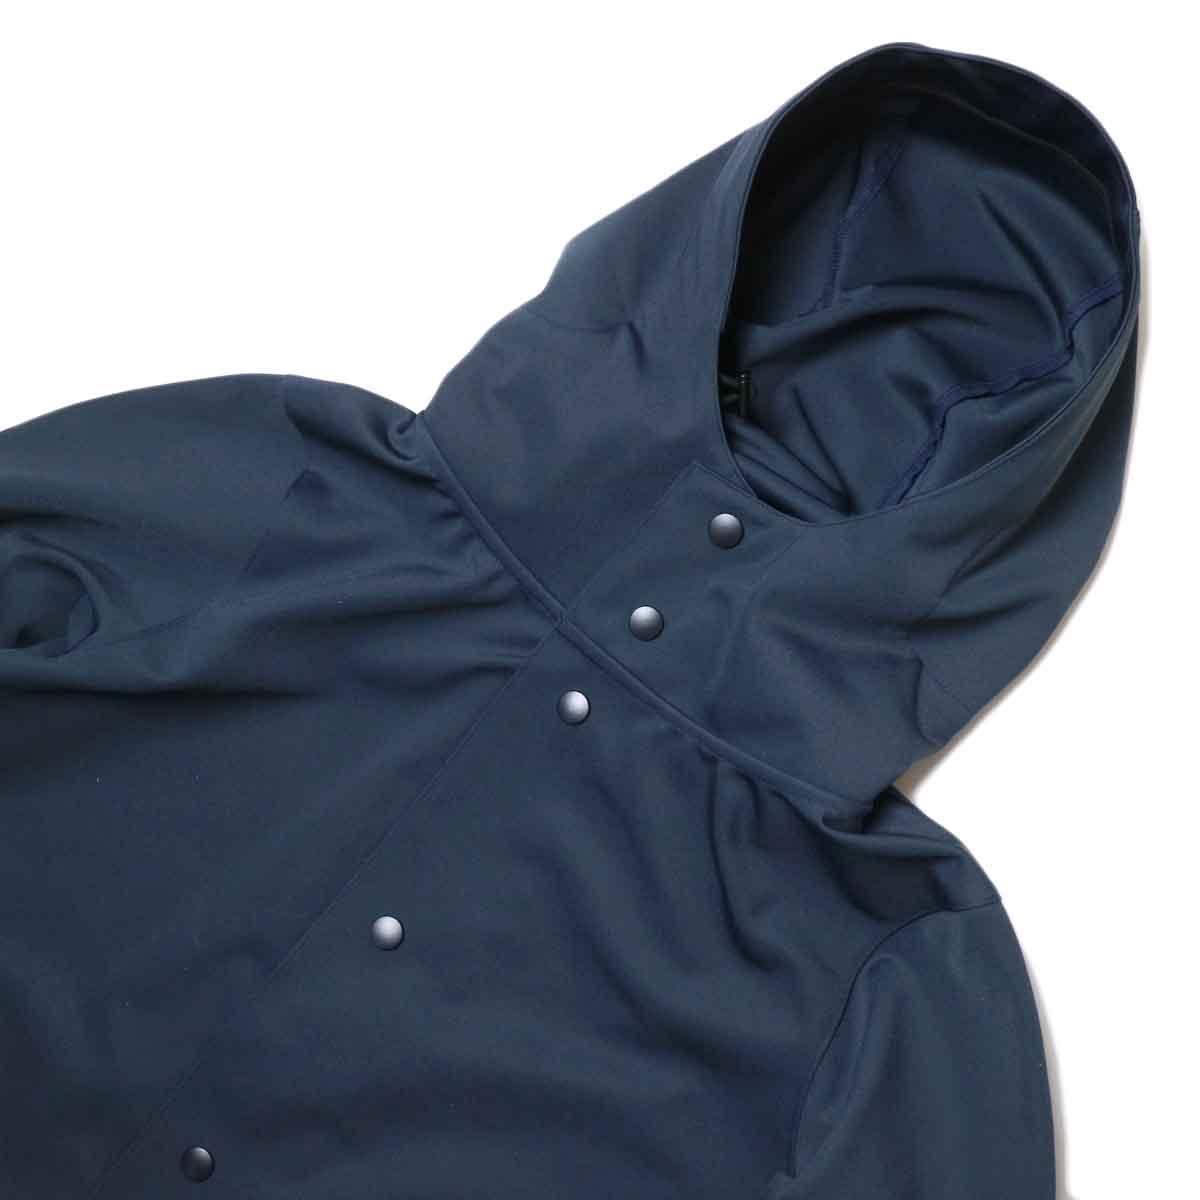 Jackman / High-density Jersey Coat (Navy) フード